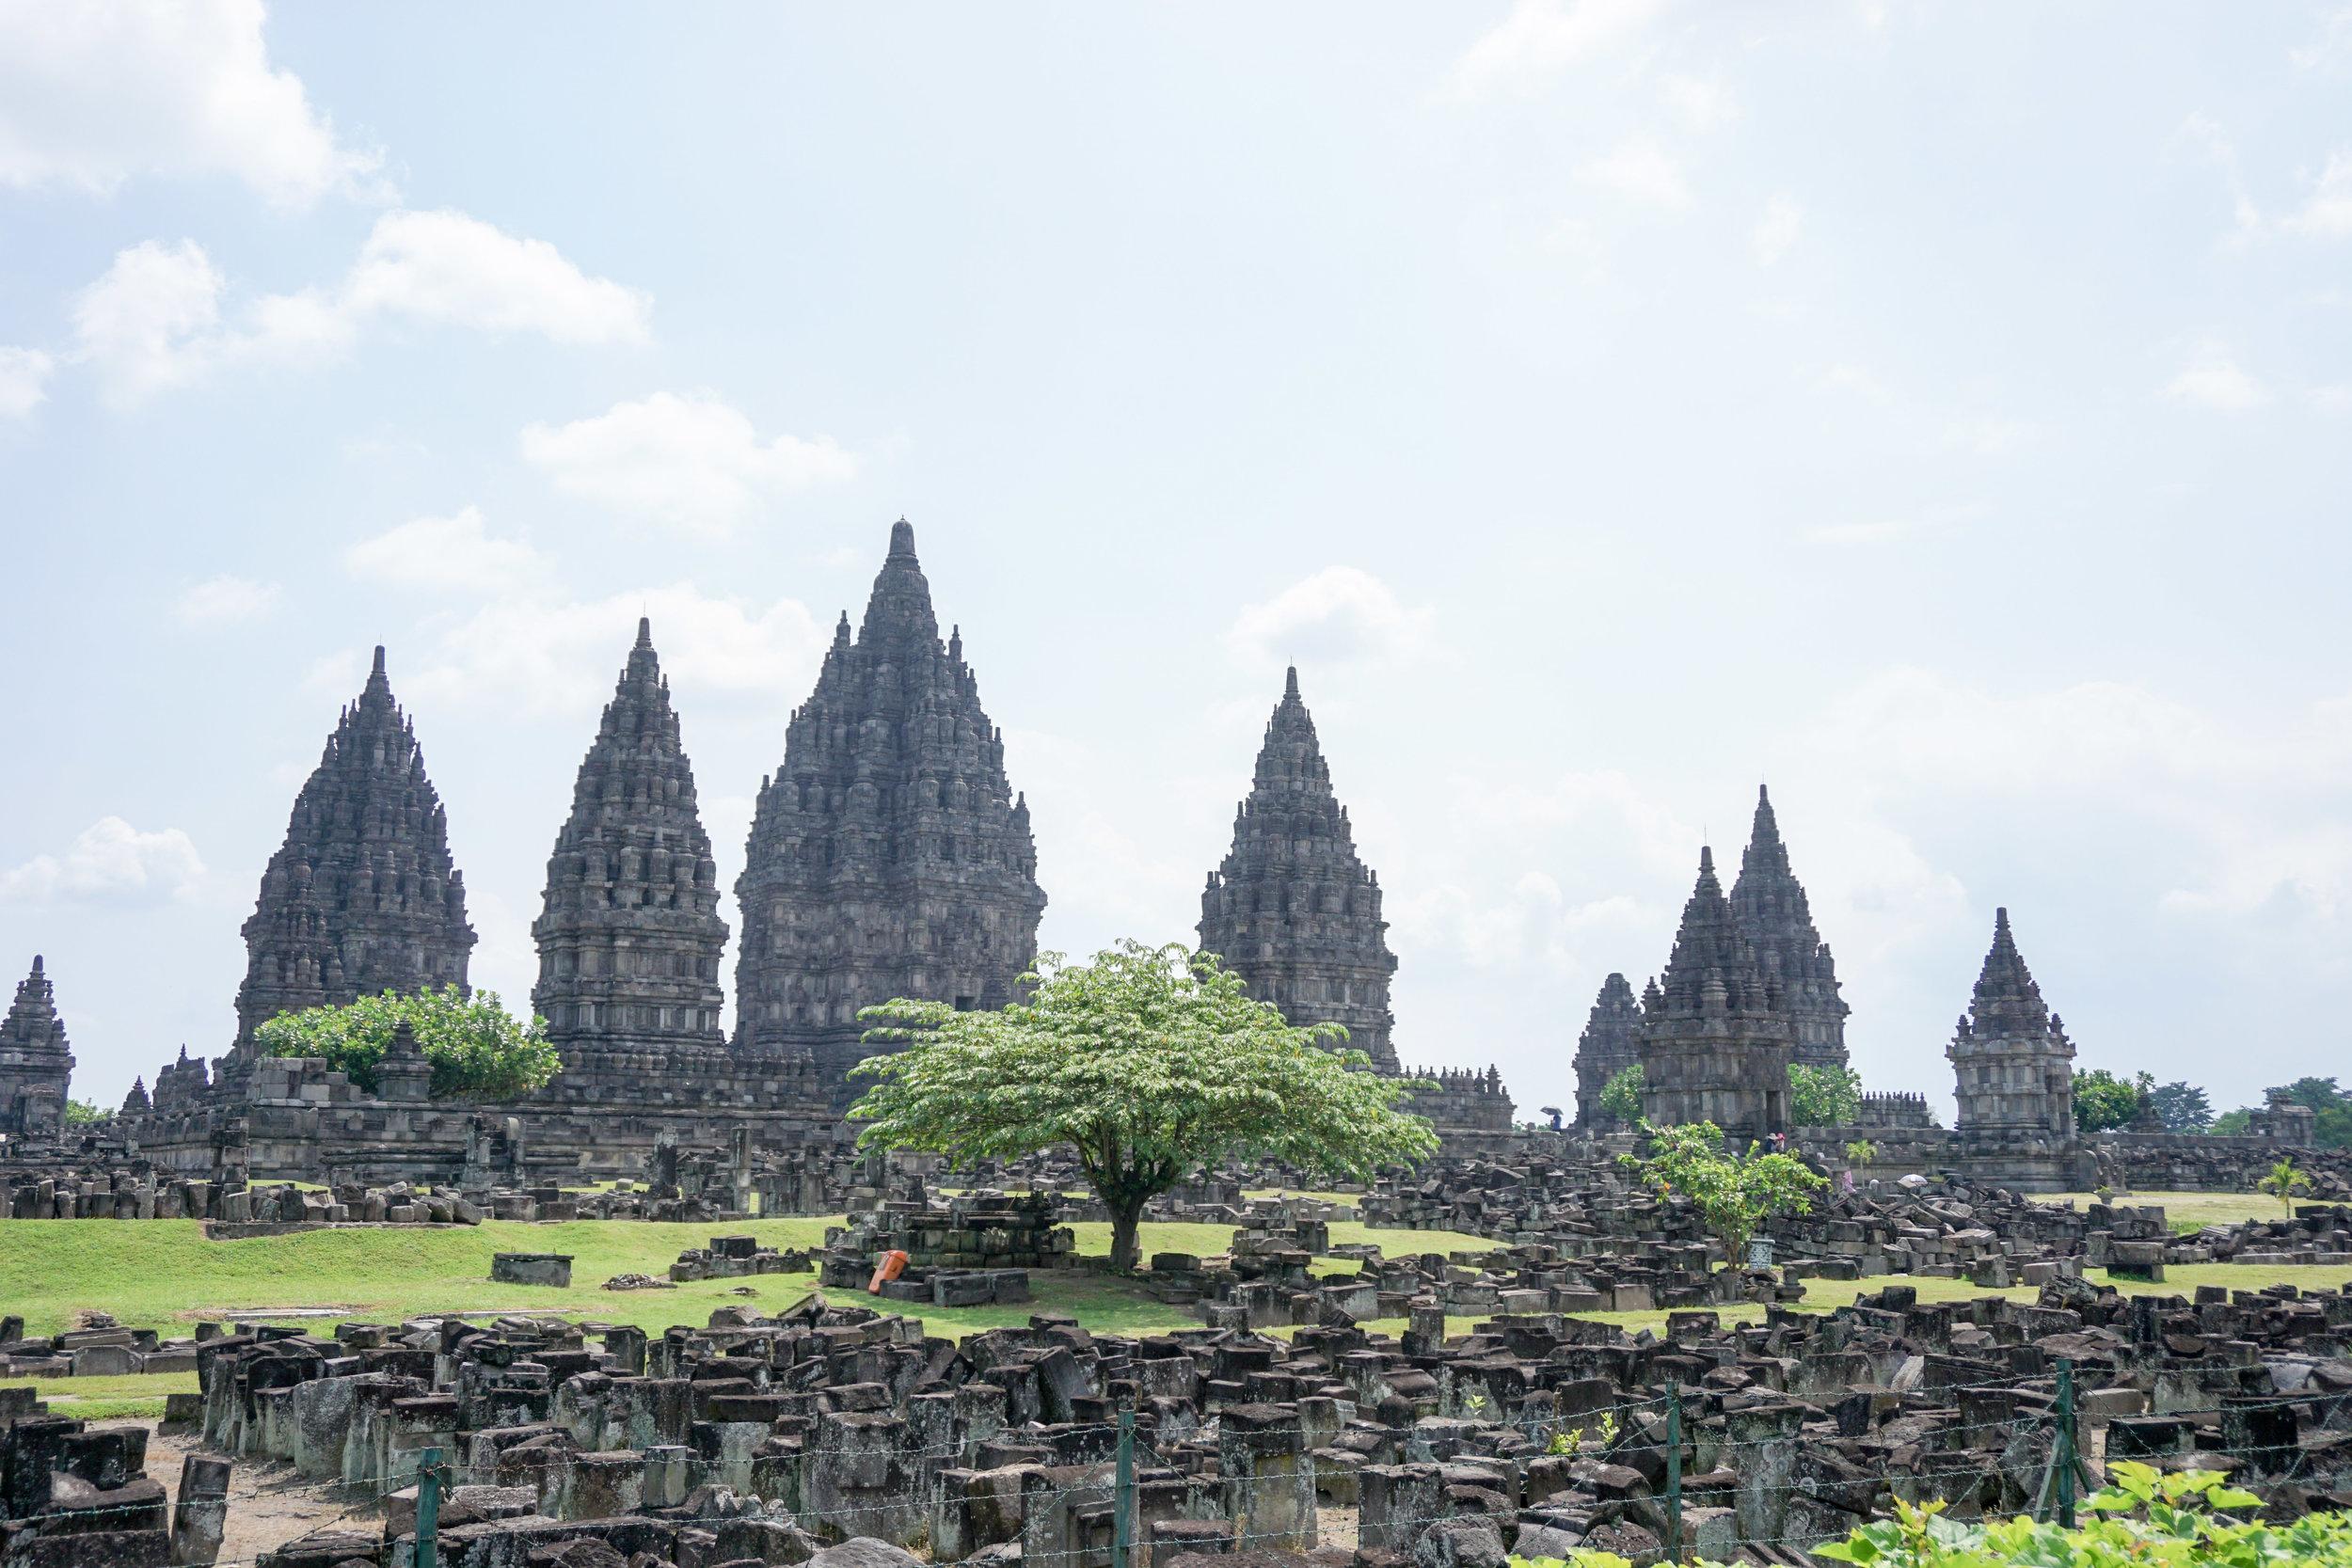 Hindu site Prambanan from afar